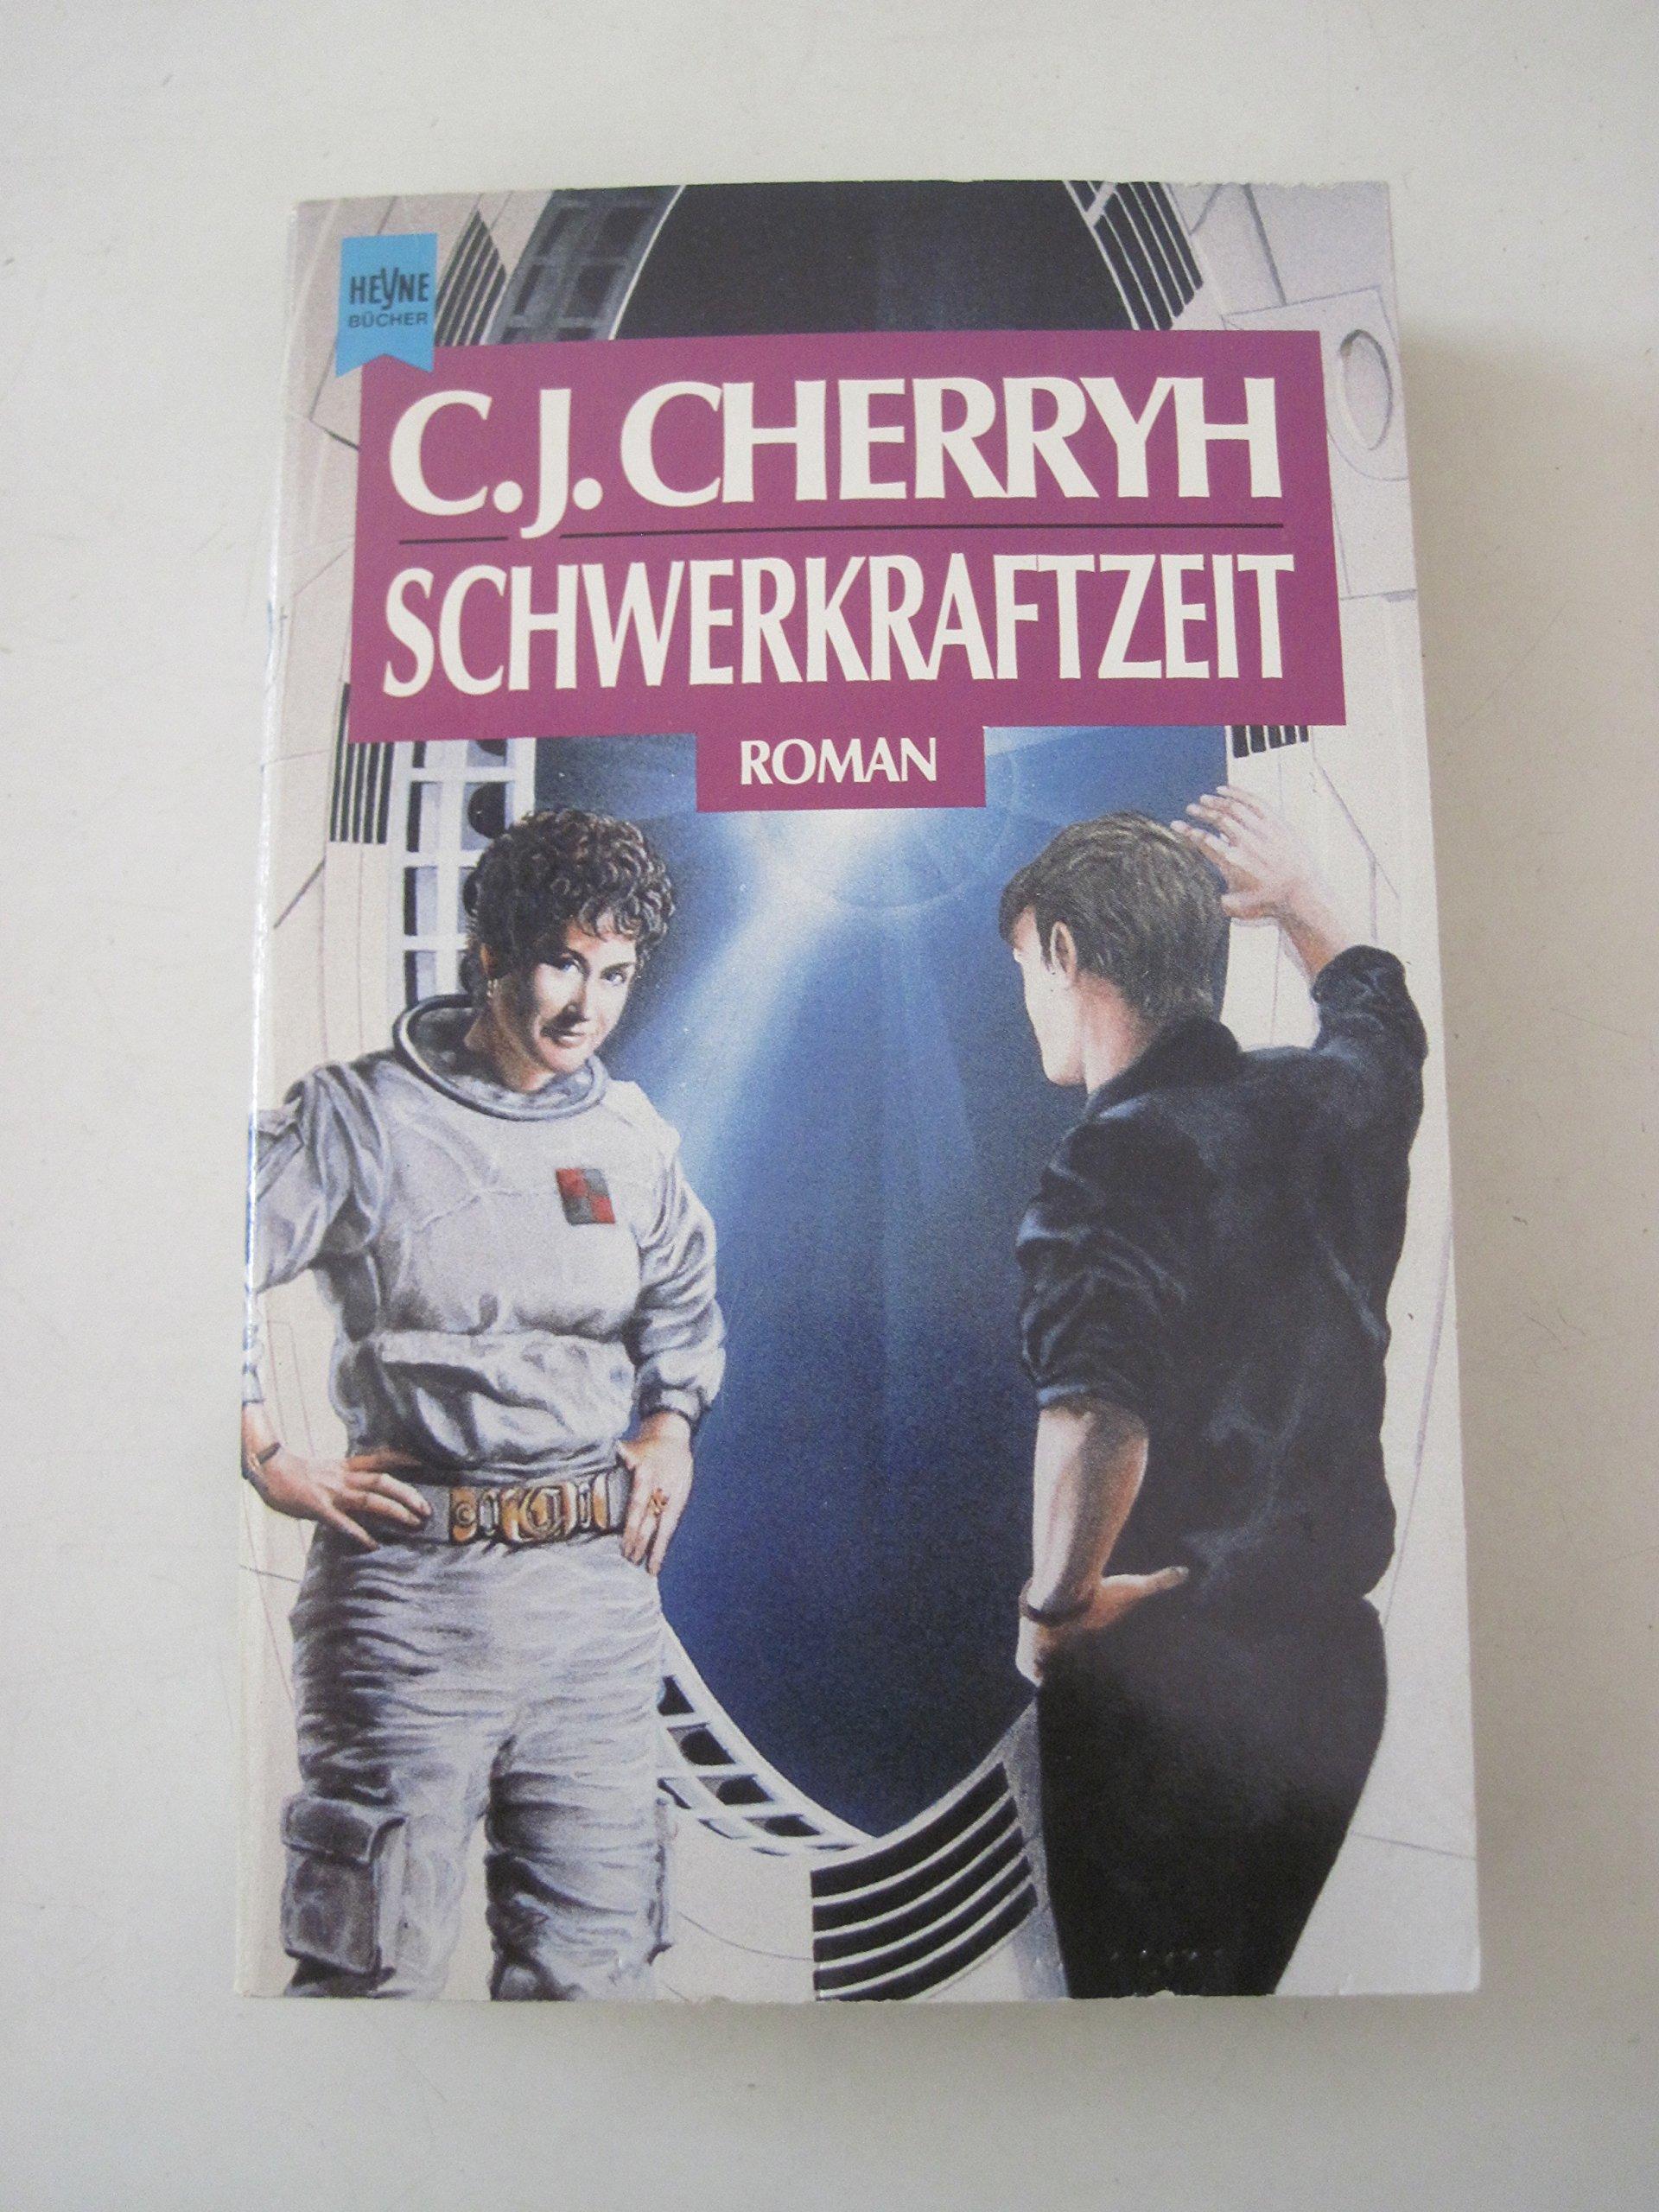 C. J. Cherryh – Schwerkraftzeit. Ein Alliance-Union-Roman